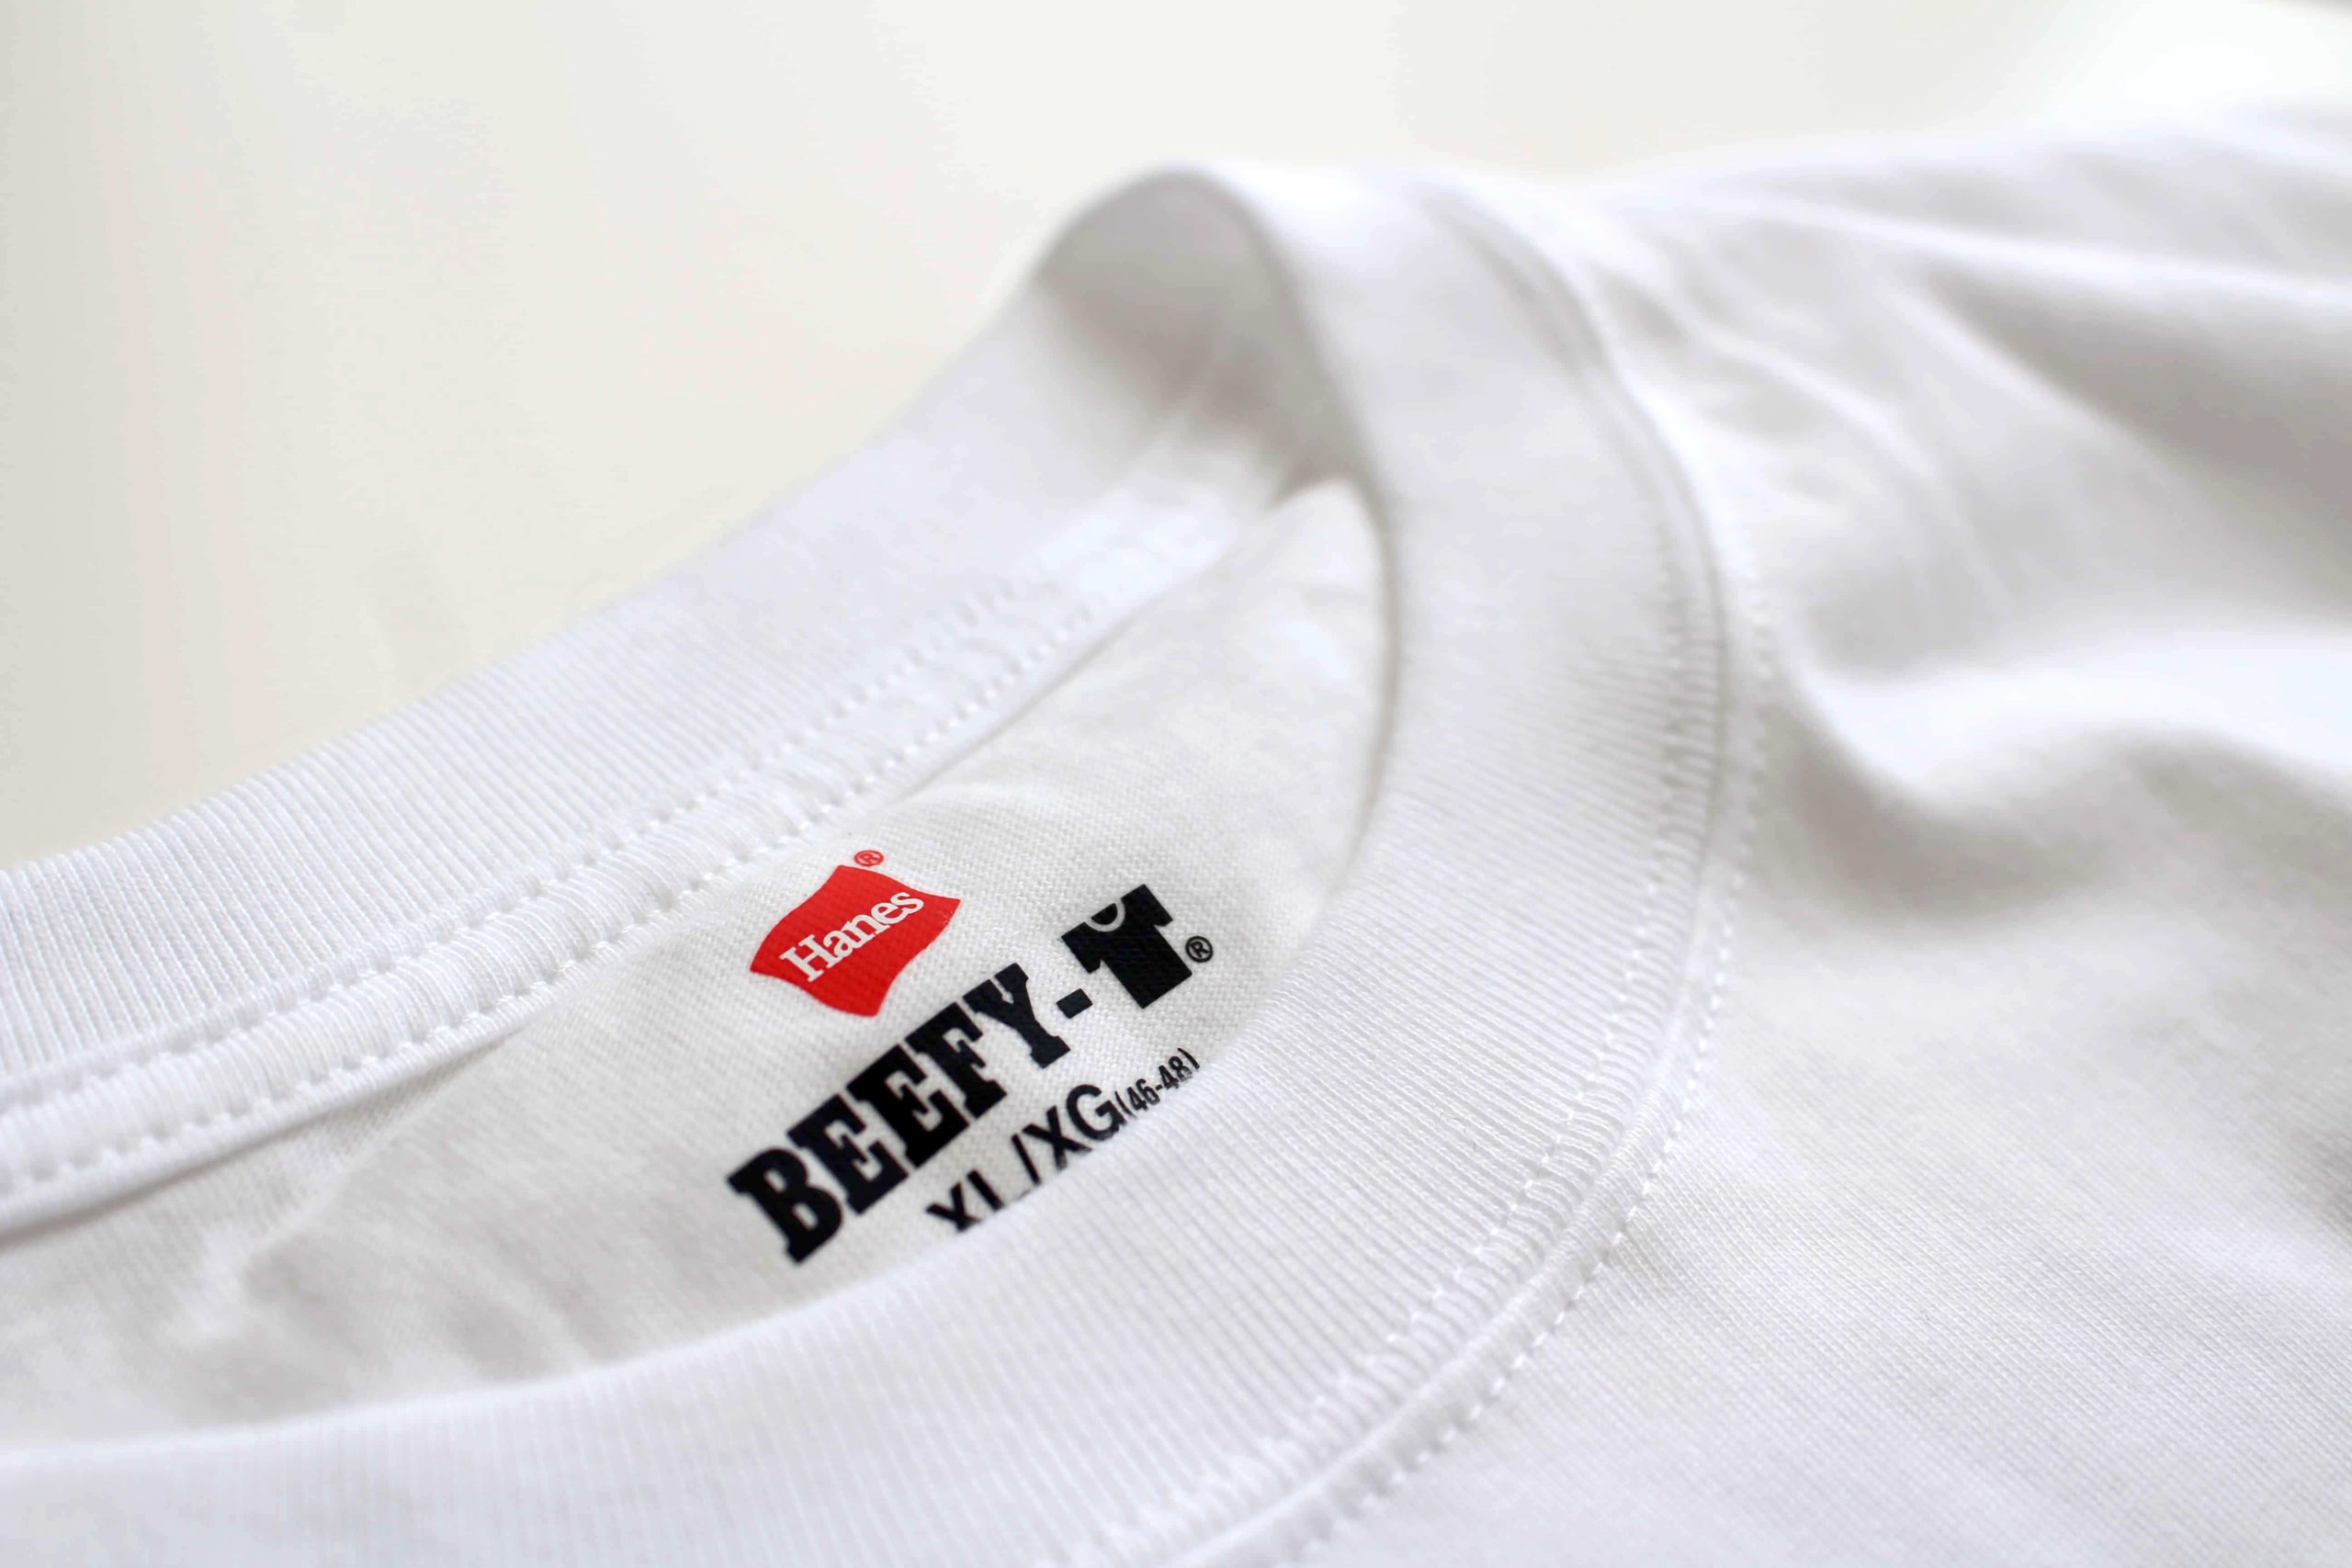 ヘインズ hanes ビーフィー ビーフィーTシャツ Tシャツ BEEFY BEEFY-T BEEFYTシャツ 肉厚 h5180 白 ホワイト